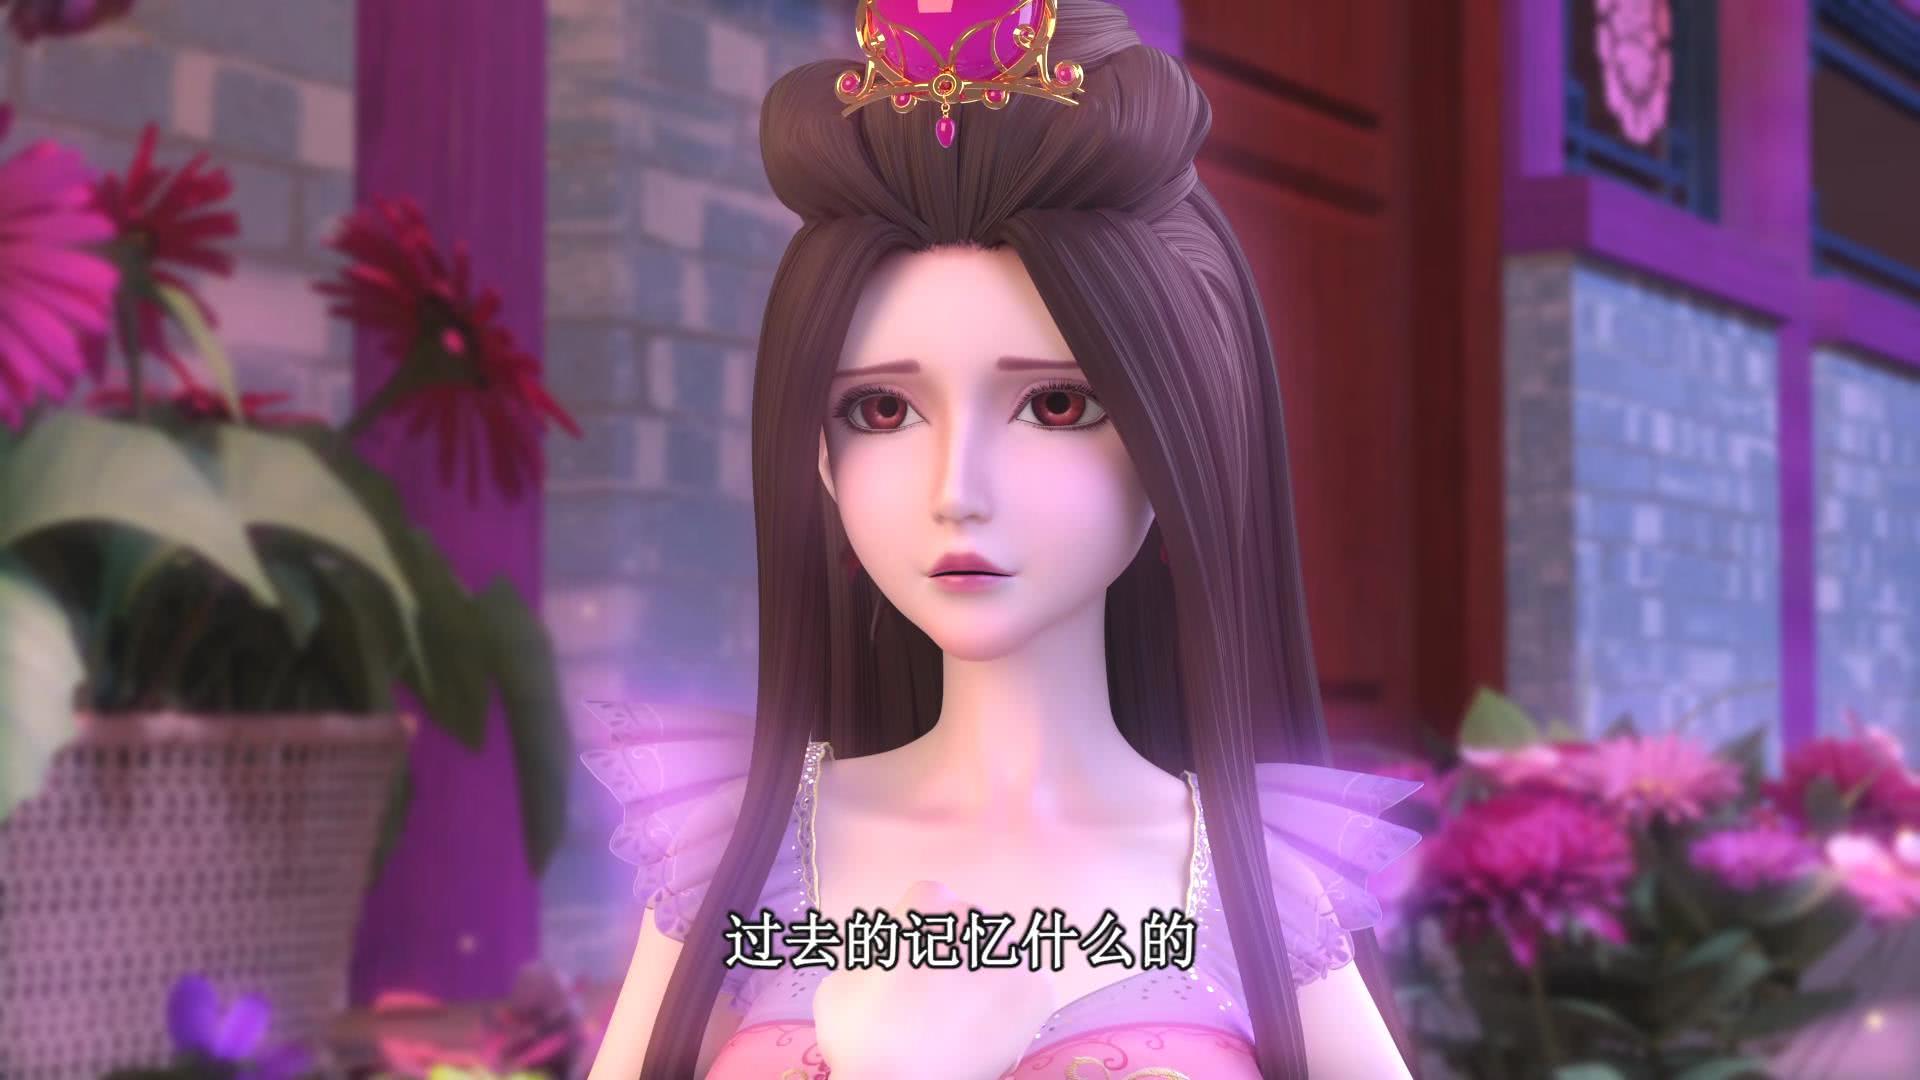 叶罗丽:茉莉曾经过目不忘,如今却失去了最宝贵的记忆,很讽刺